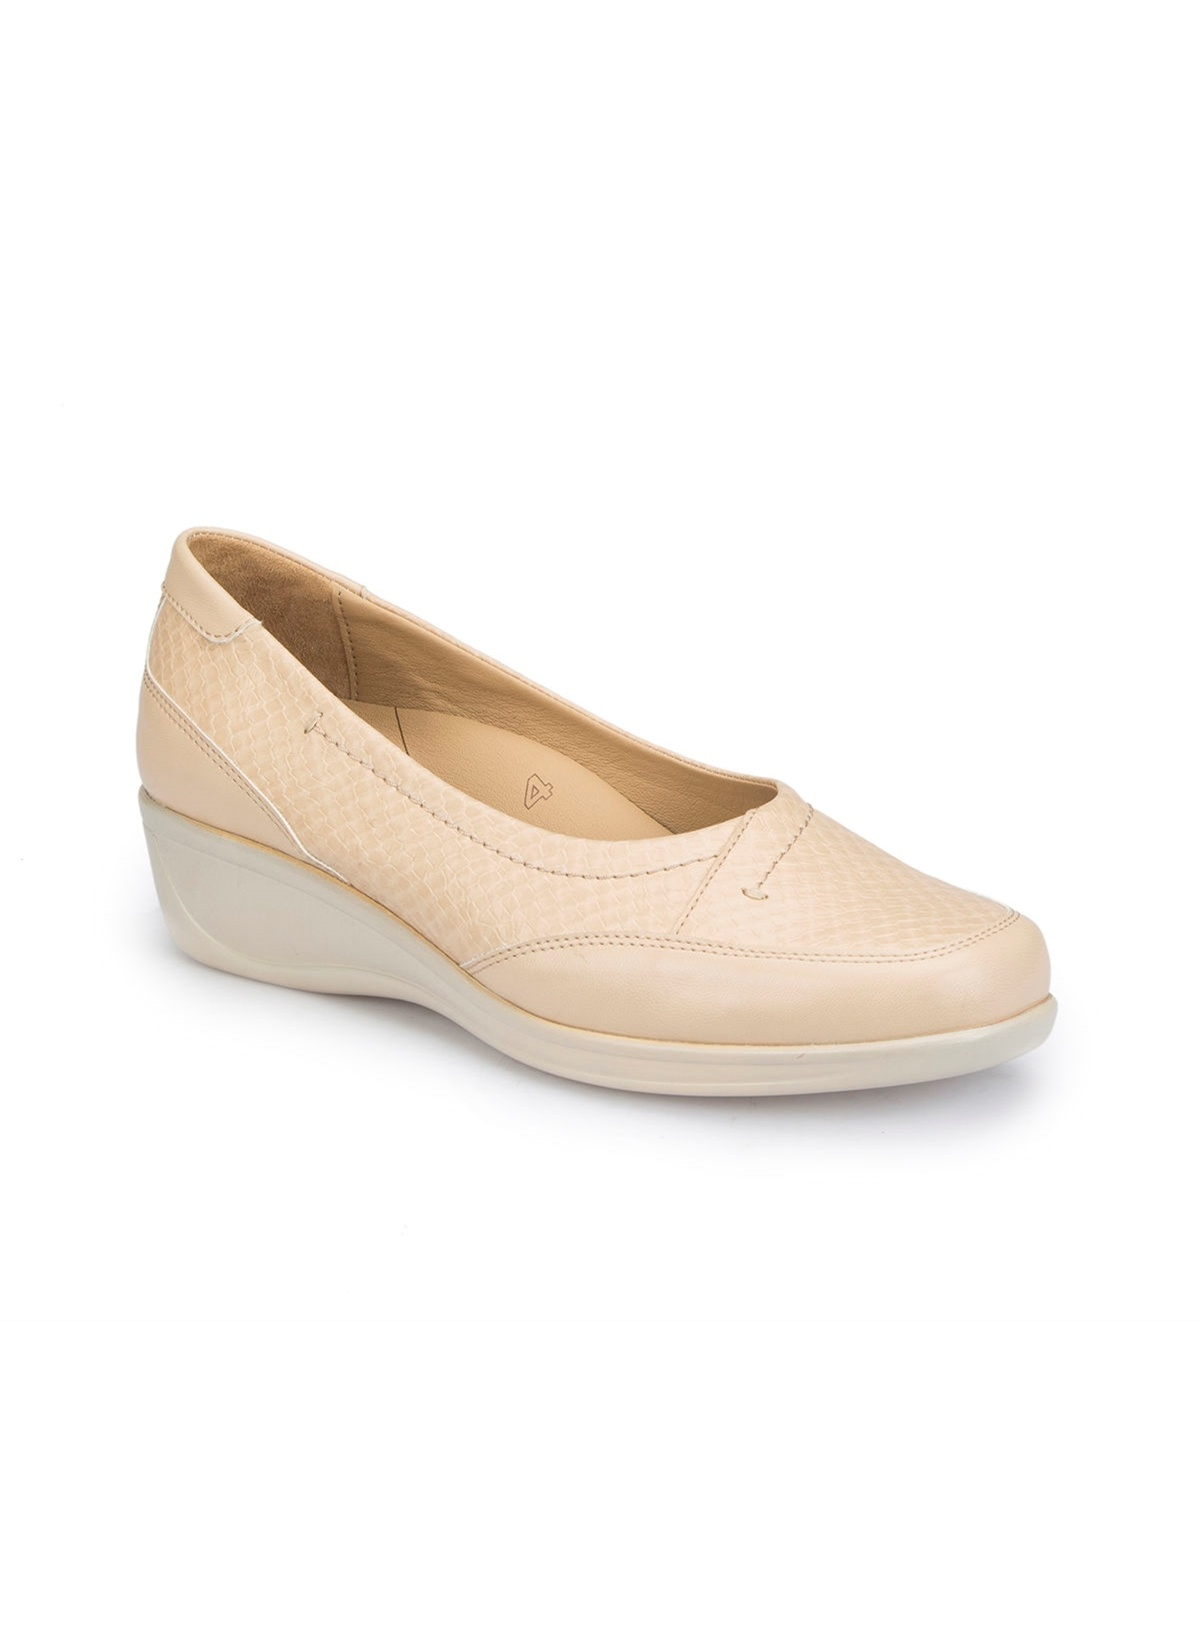 Polaris Ayakkabı 81.111017.z Basic Comfort – 49.99 TL